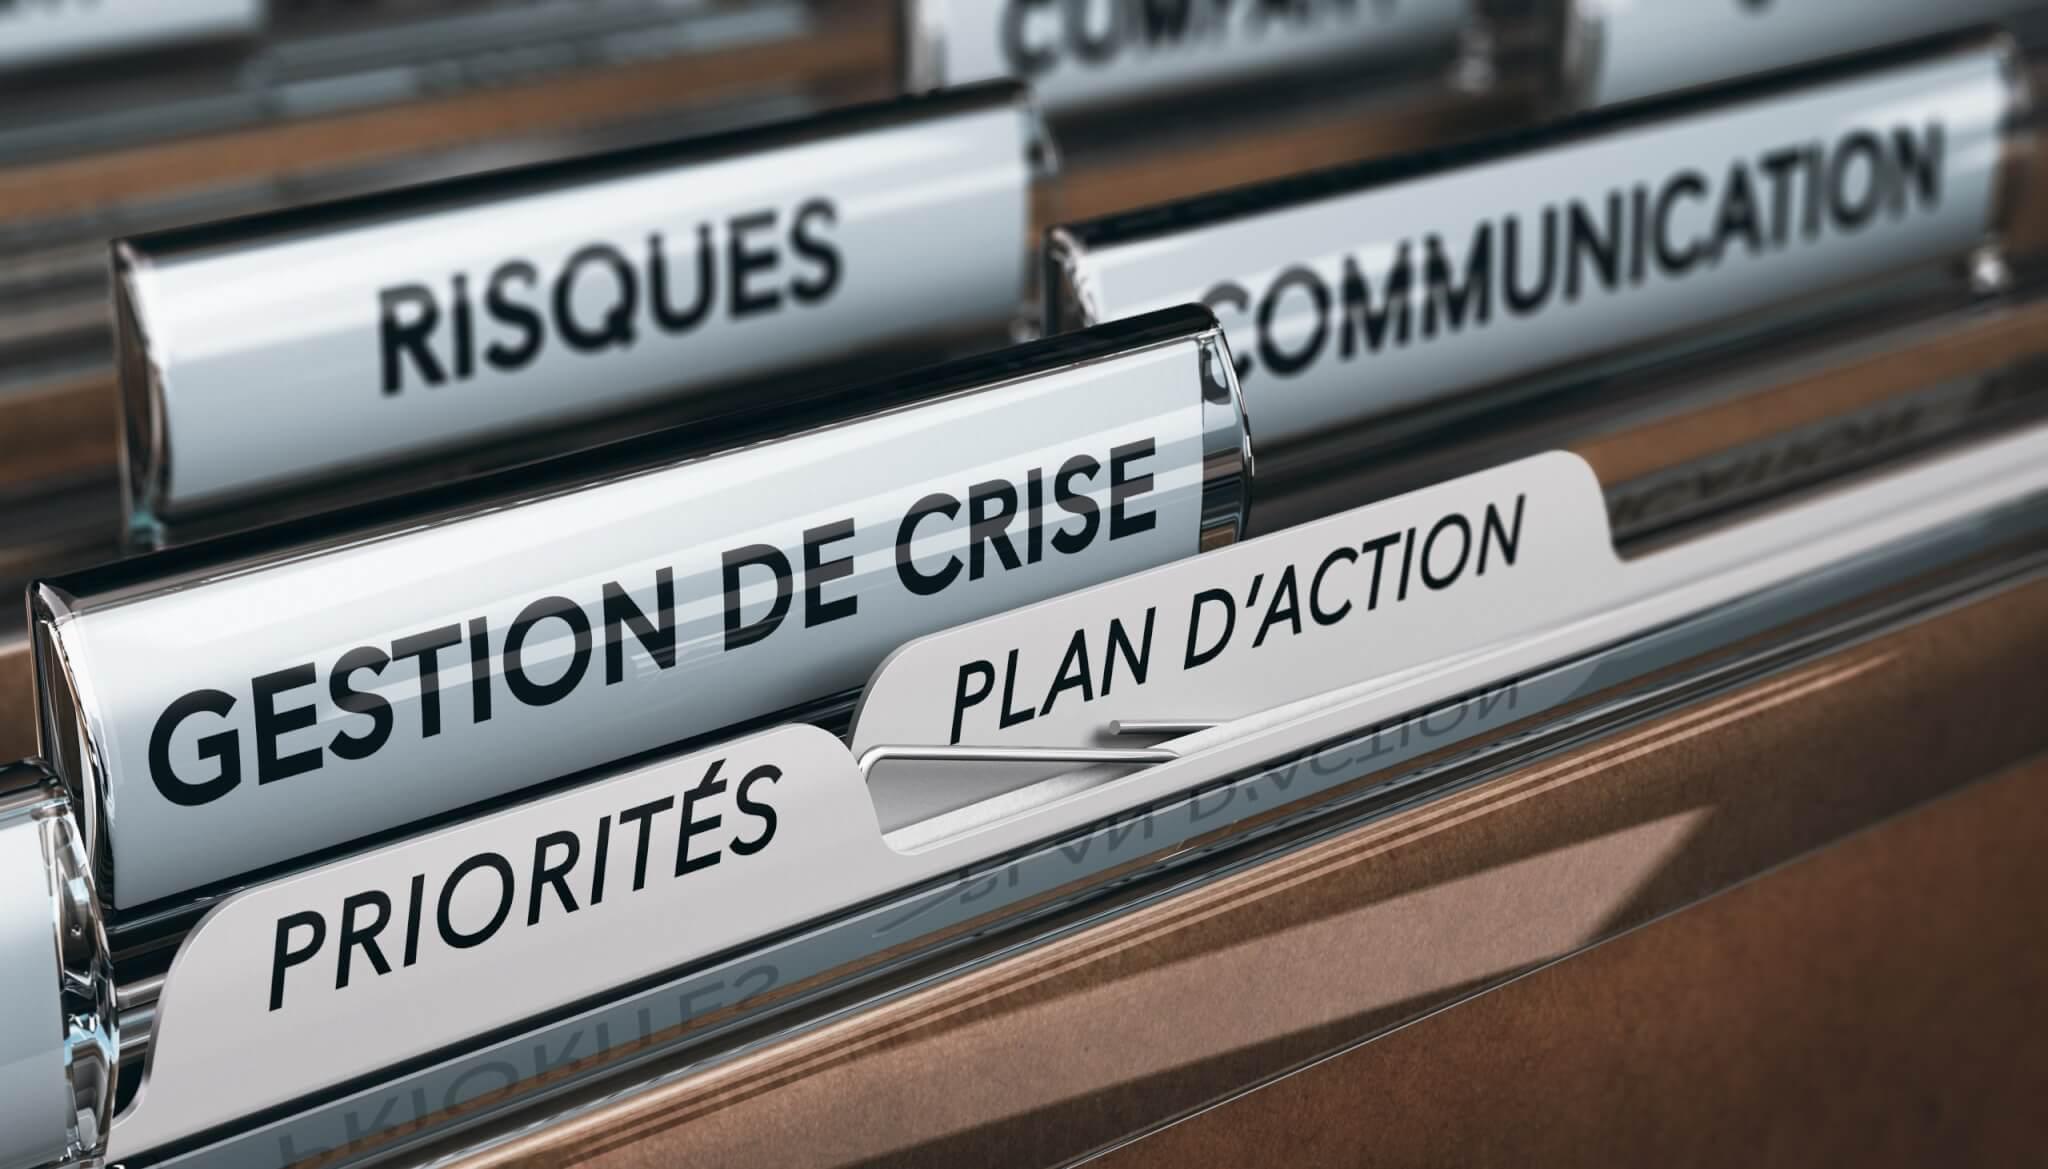 La prévention, même en temps de crise